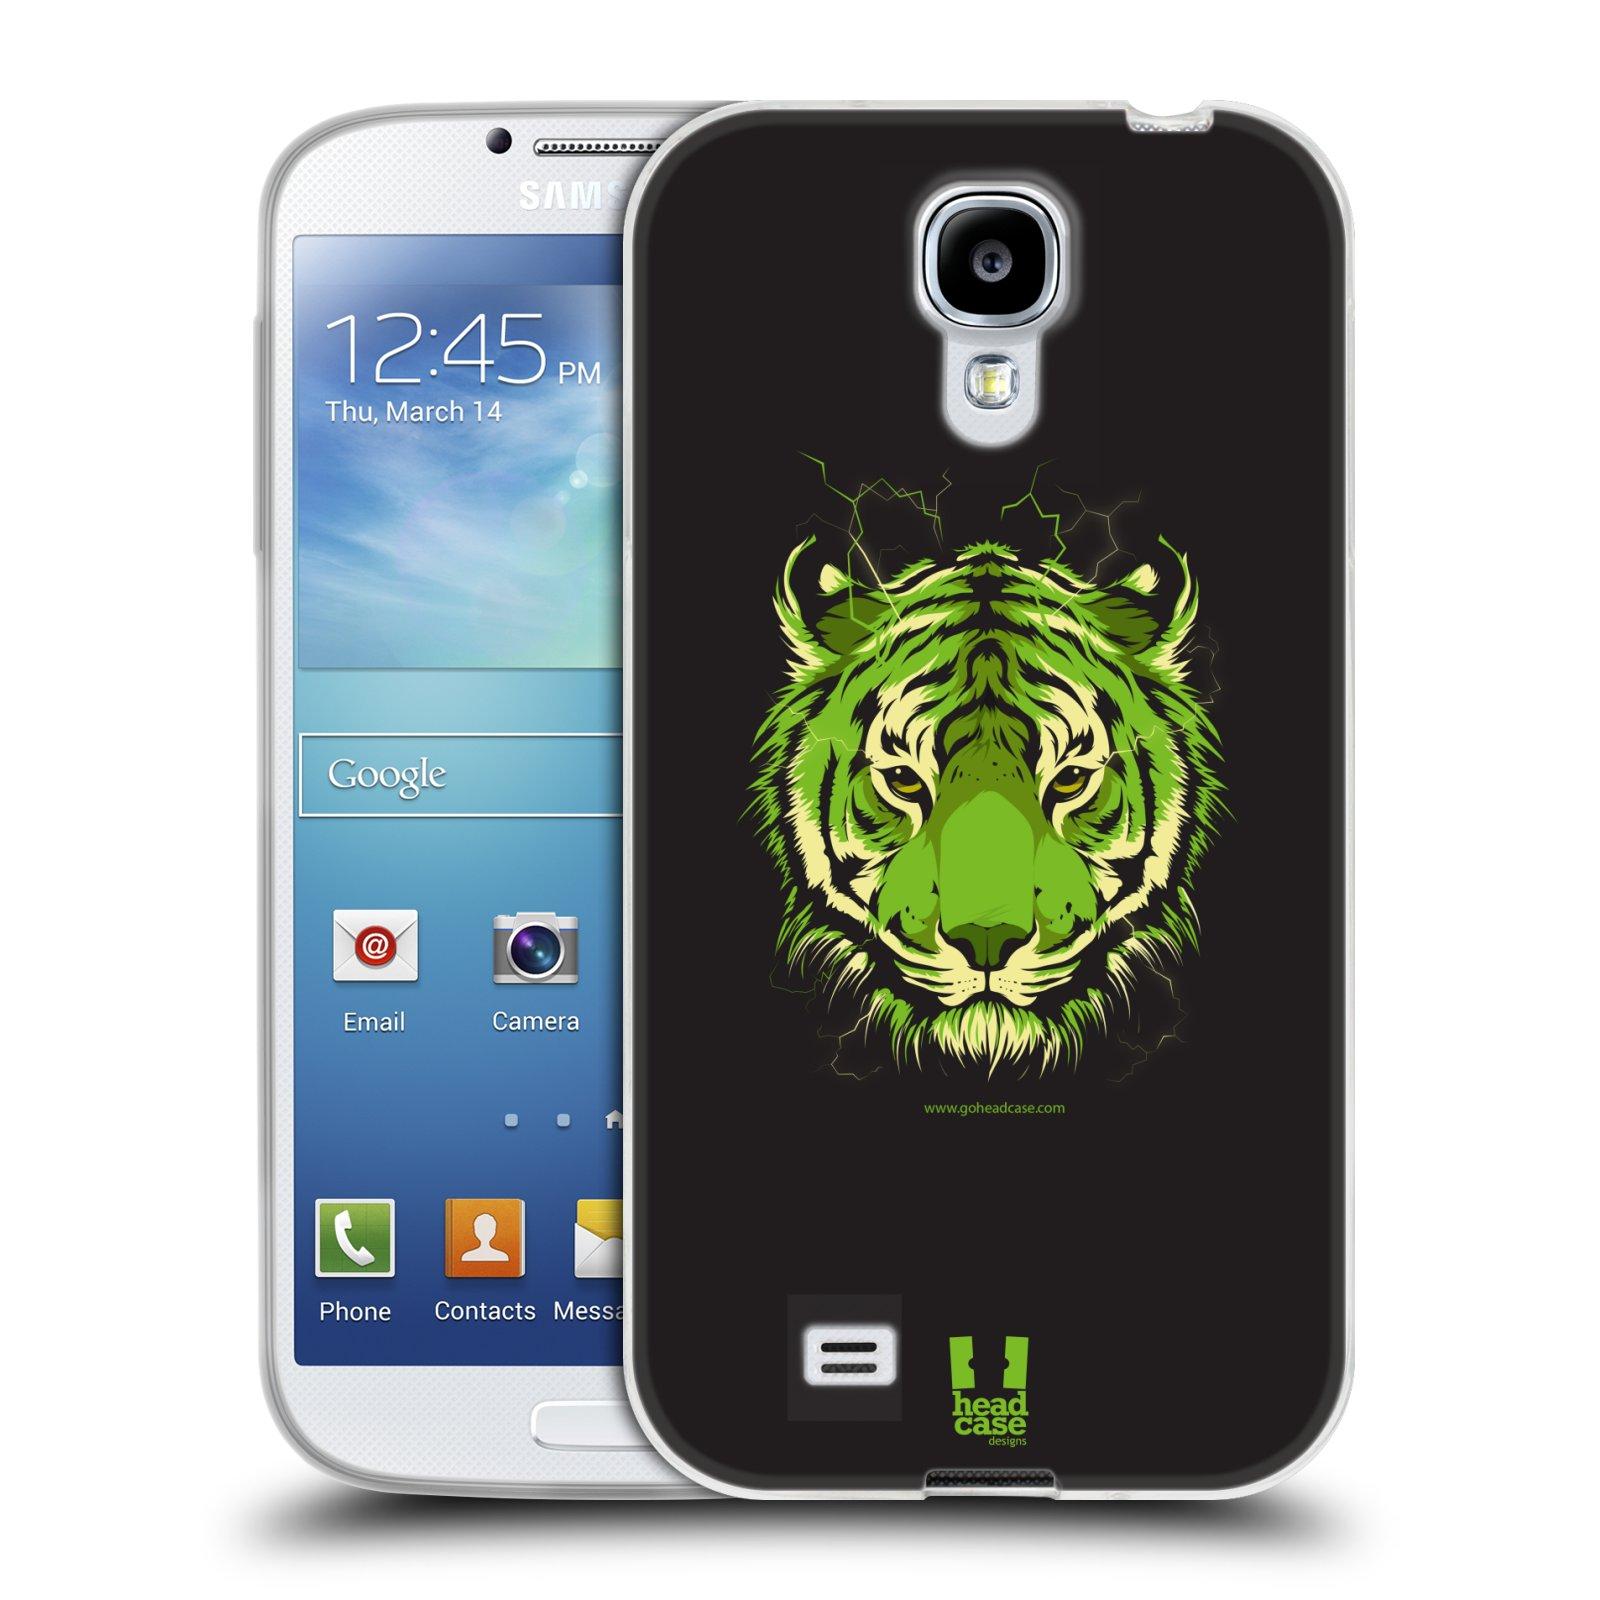 Silikonové pouzdro na mobil Samsung Galaxy S4 HEAD CASE BENGÁLSKÝ TYGR (Silikonový kryt či obal na mobilní telefon Samsung Galaxy S4 GT-i9505 / i9500)